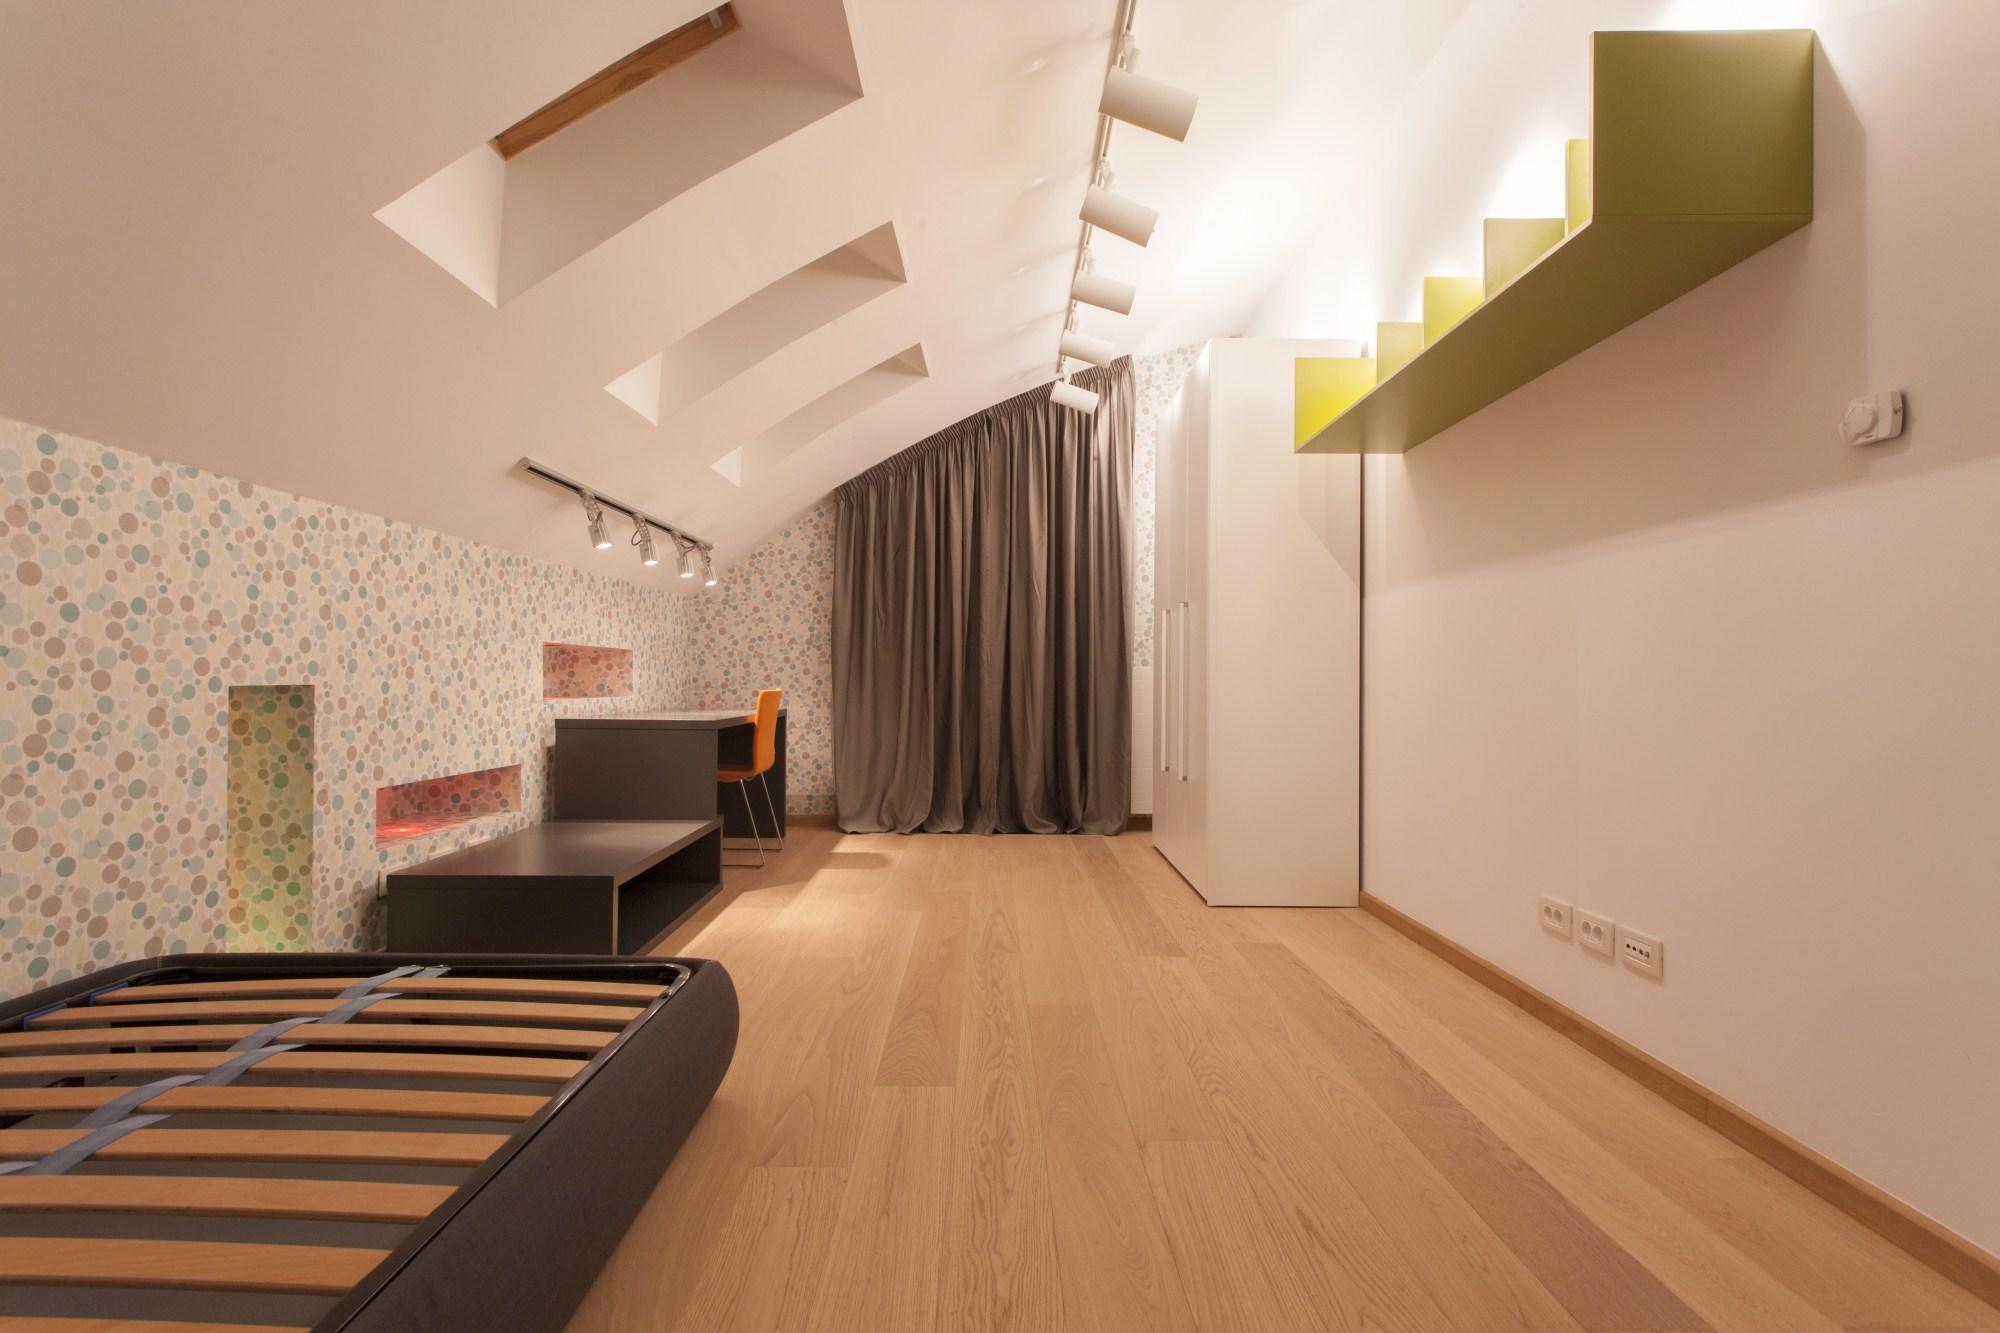 https://nbc-arhitect.ro/wp-content/uploads/2020/10/NBC-Arhitect-_-Petofi-Sandor-_-Housing-_-interior-design_6.jpg